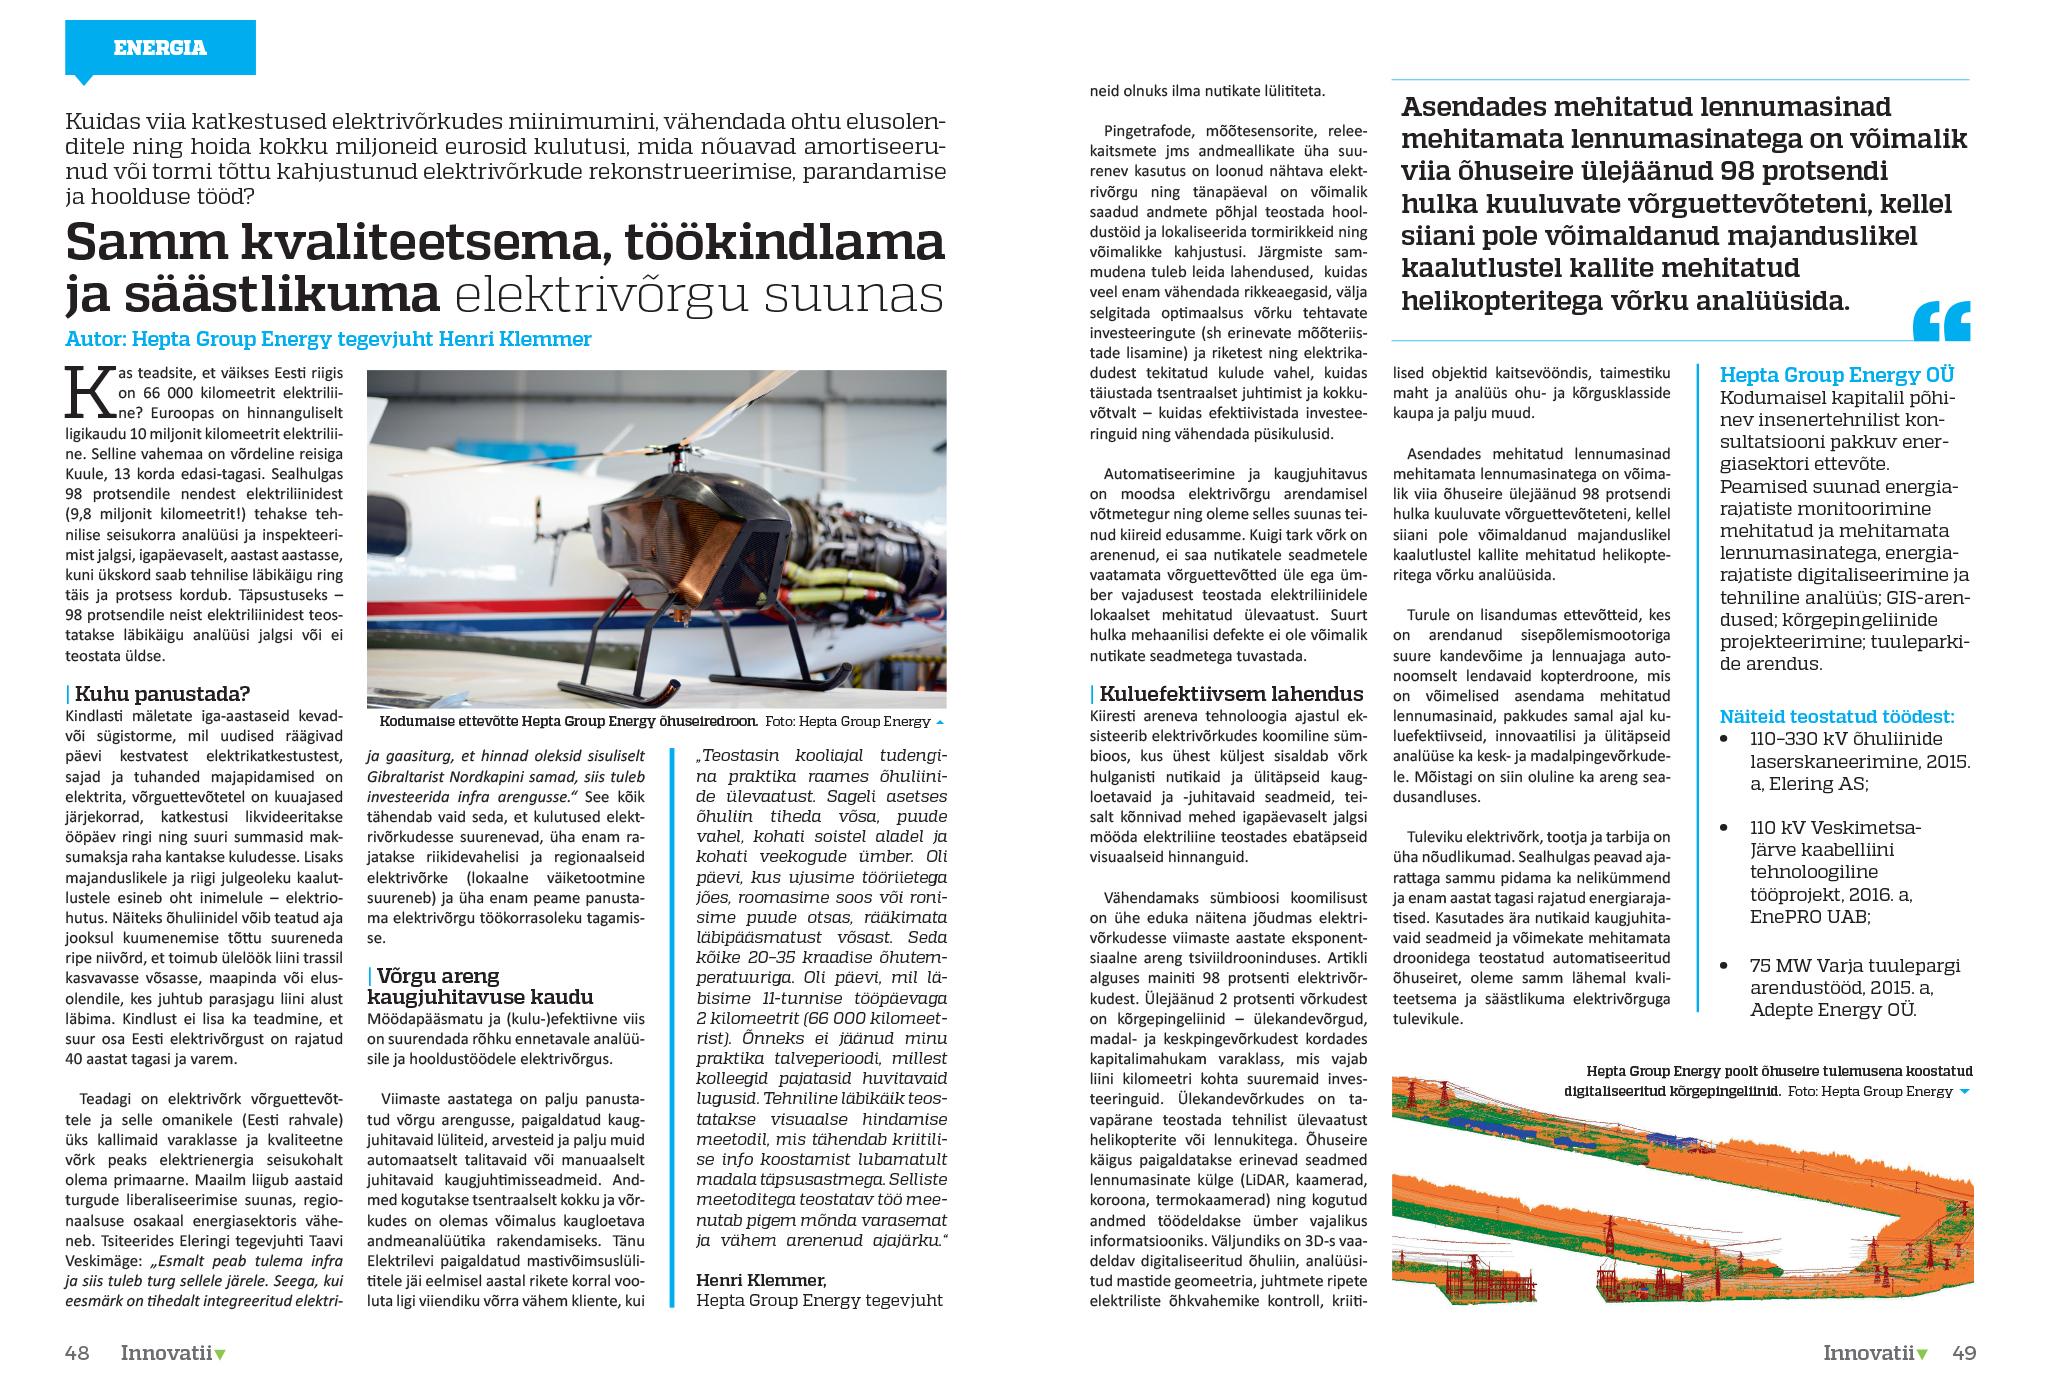 innovatiiv hepta group energy innovatsioon tulevik elektrivõrk elektrivõrgu kindlam kvaliteetne säästlik energiasääst energy efficiency elektrivõrk õhuliinid droonid uav õhuseire laserskaneerimine ortofoto elering elektrilevi eesti energiaa